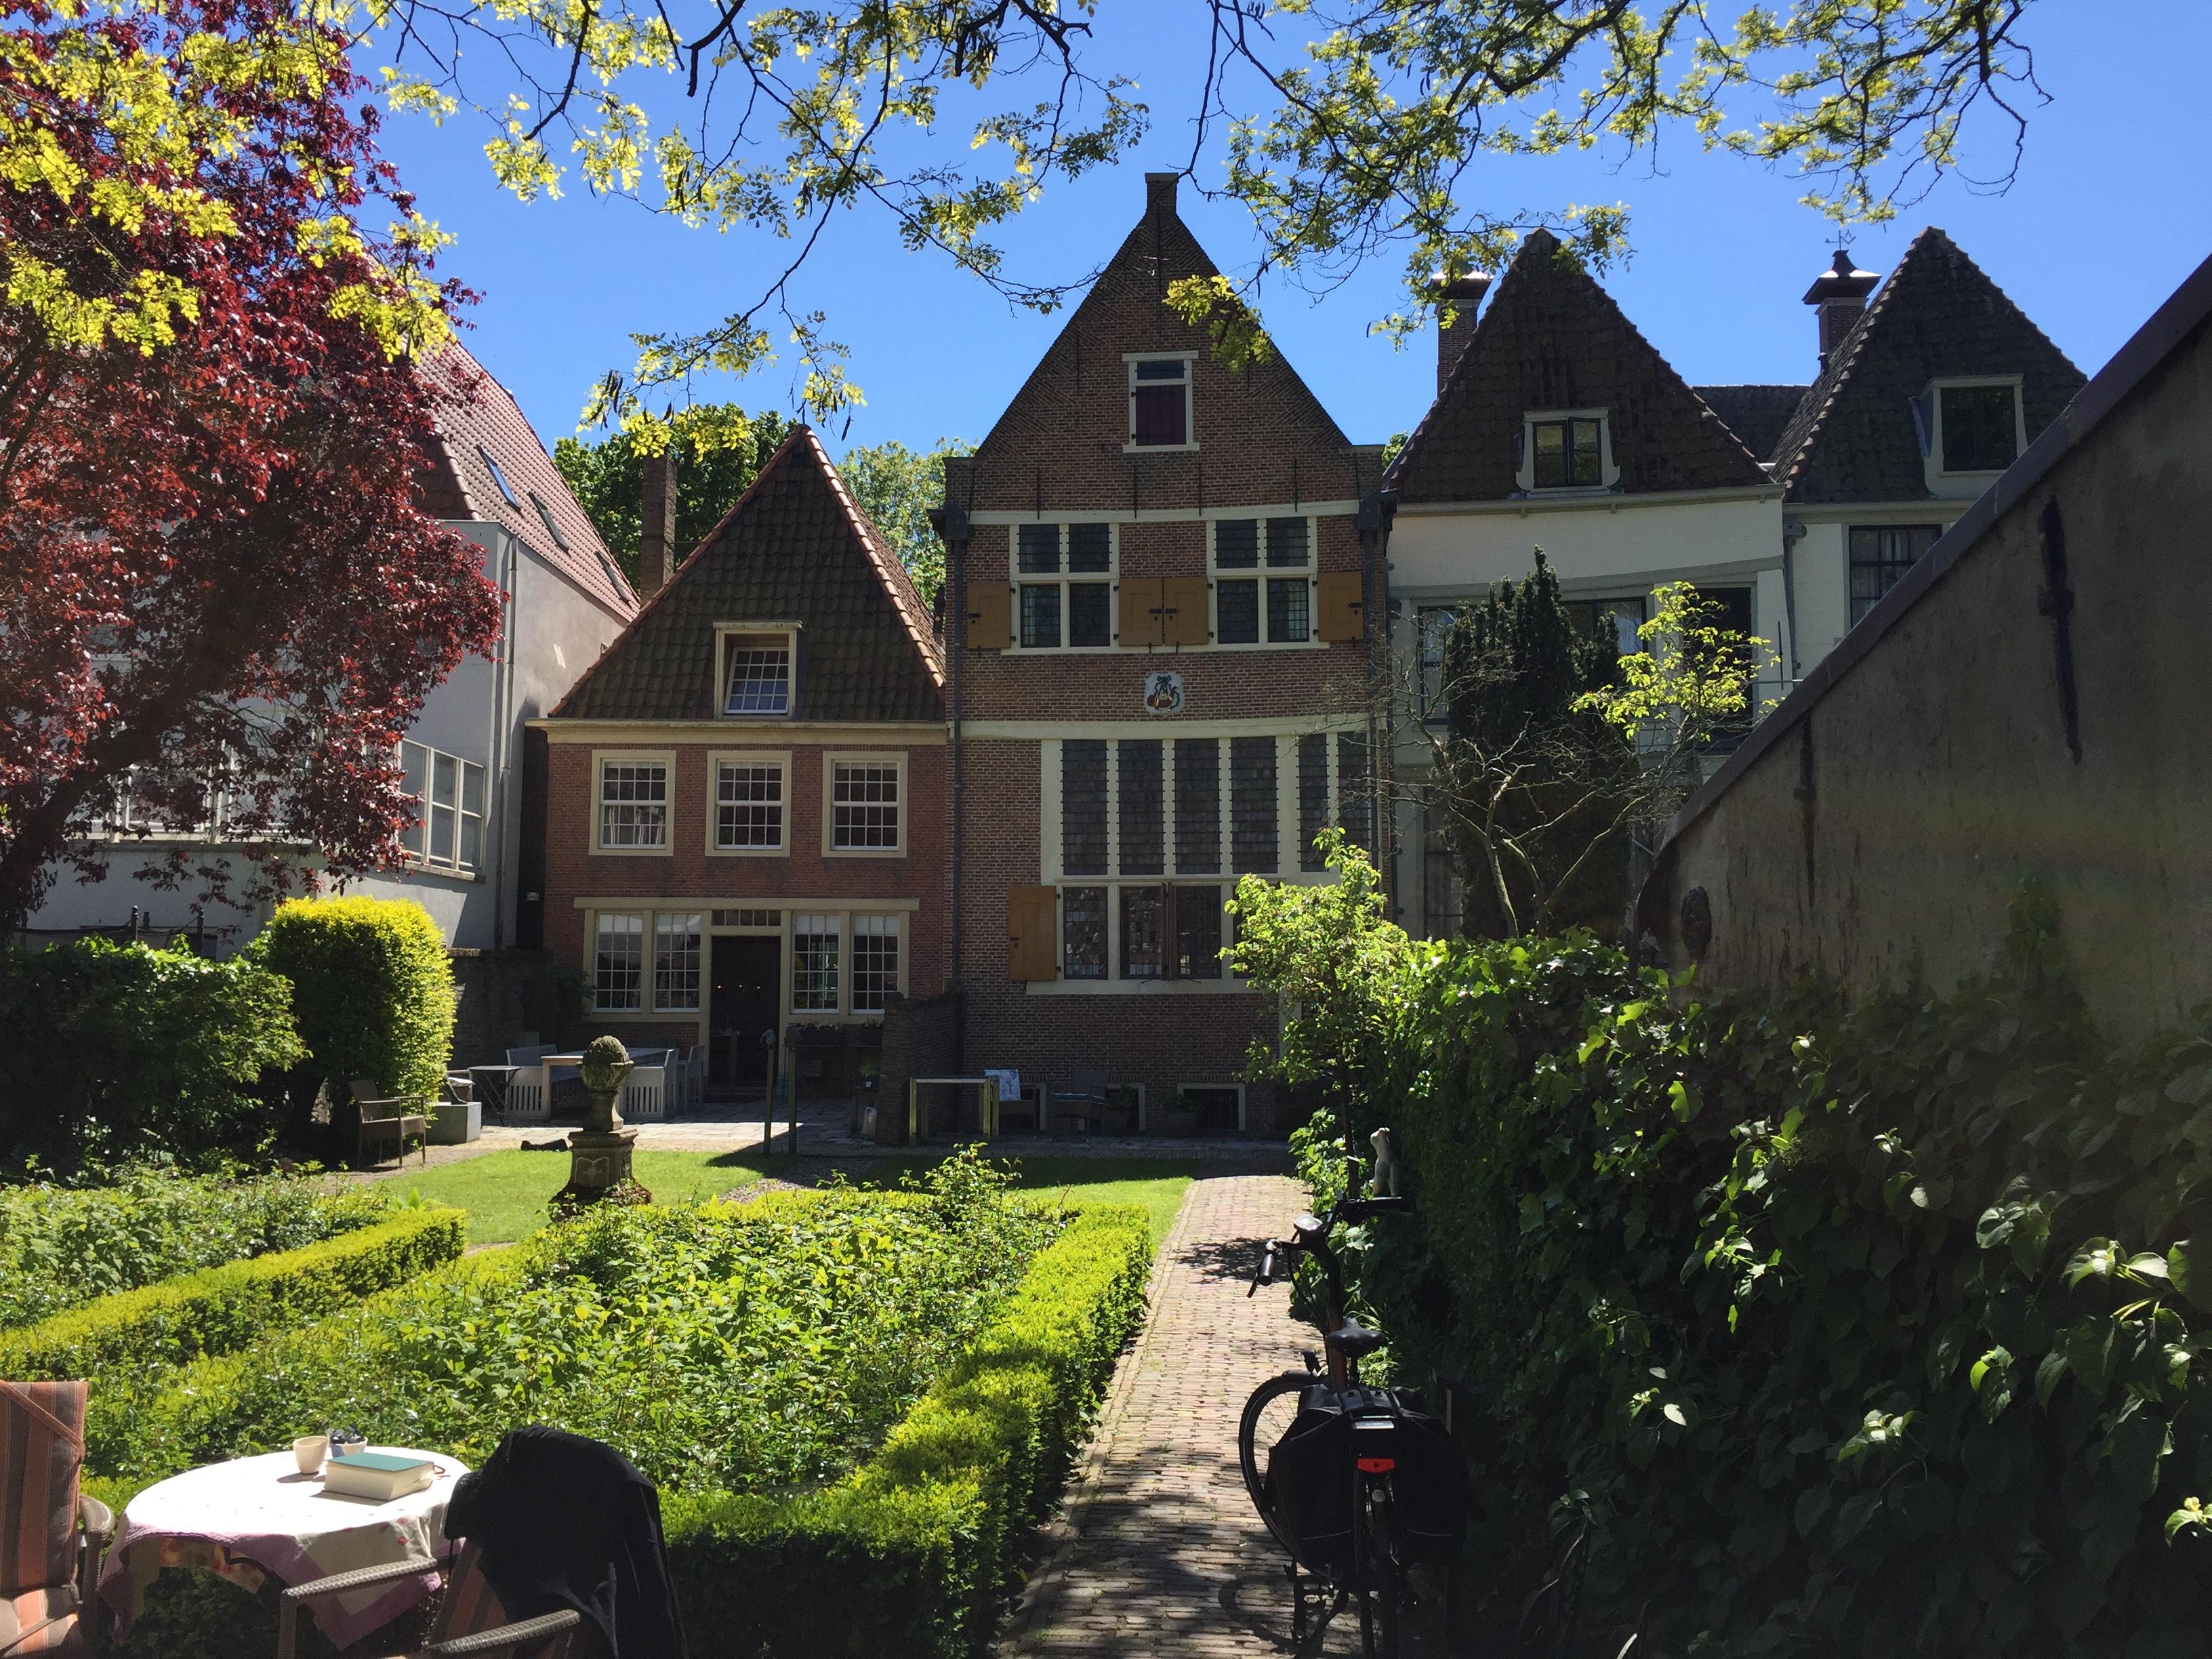 Local Guide Hoorn | Rondleiding Hoorn: Huis Bonck - Achterzijde